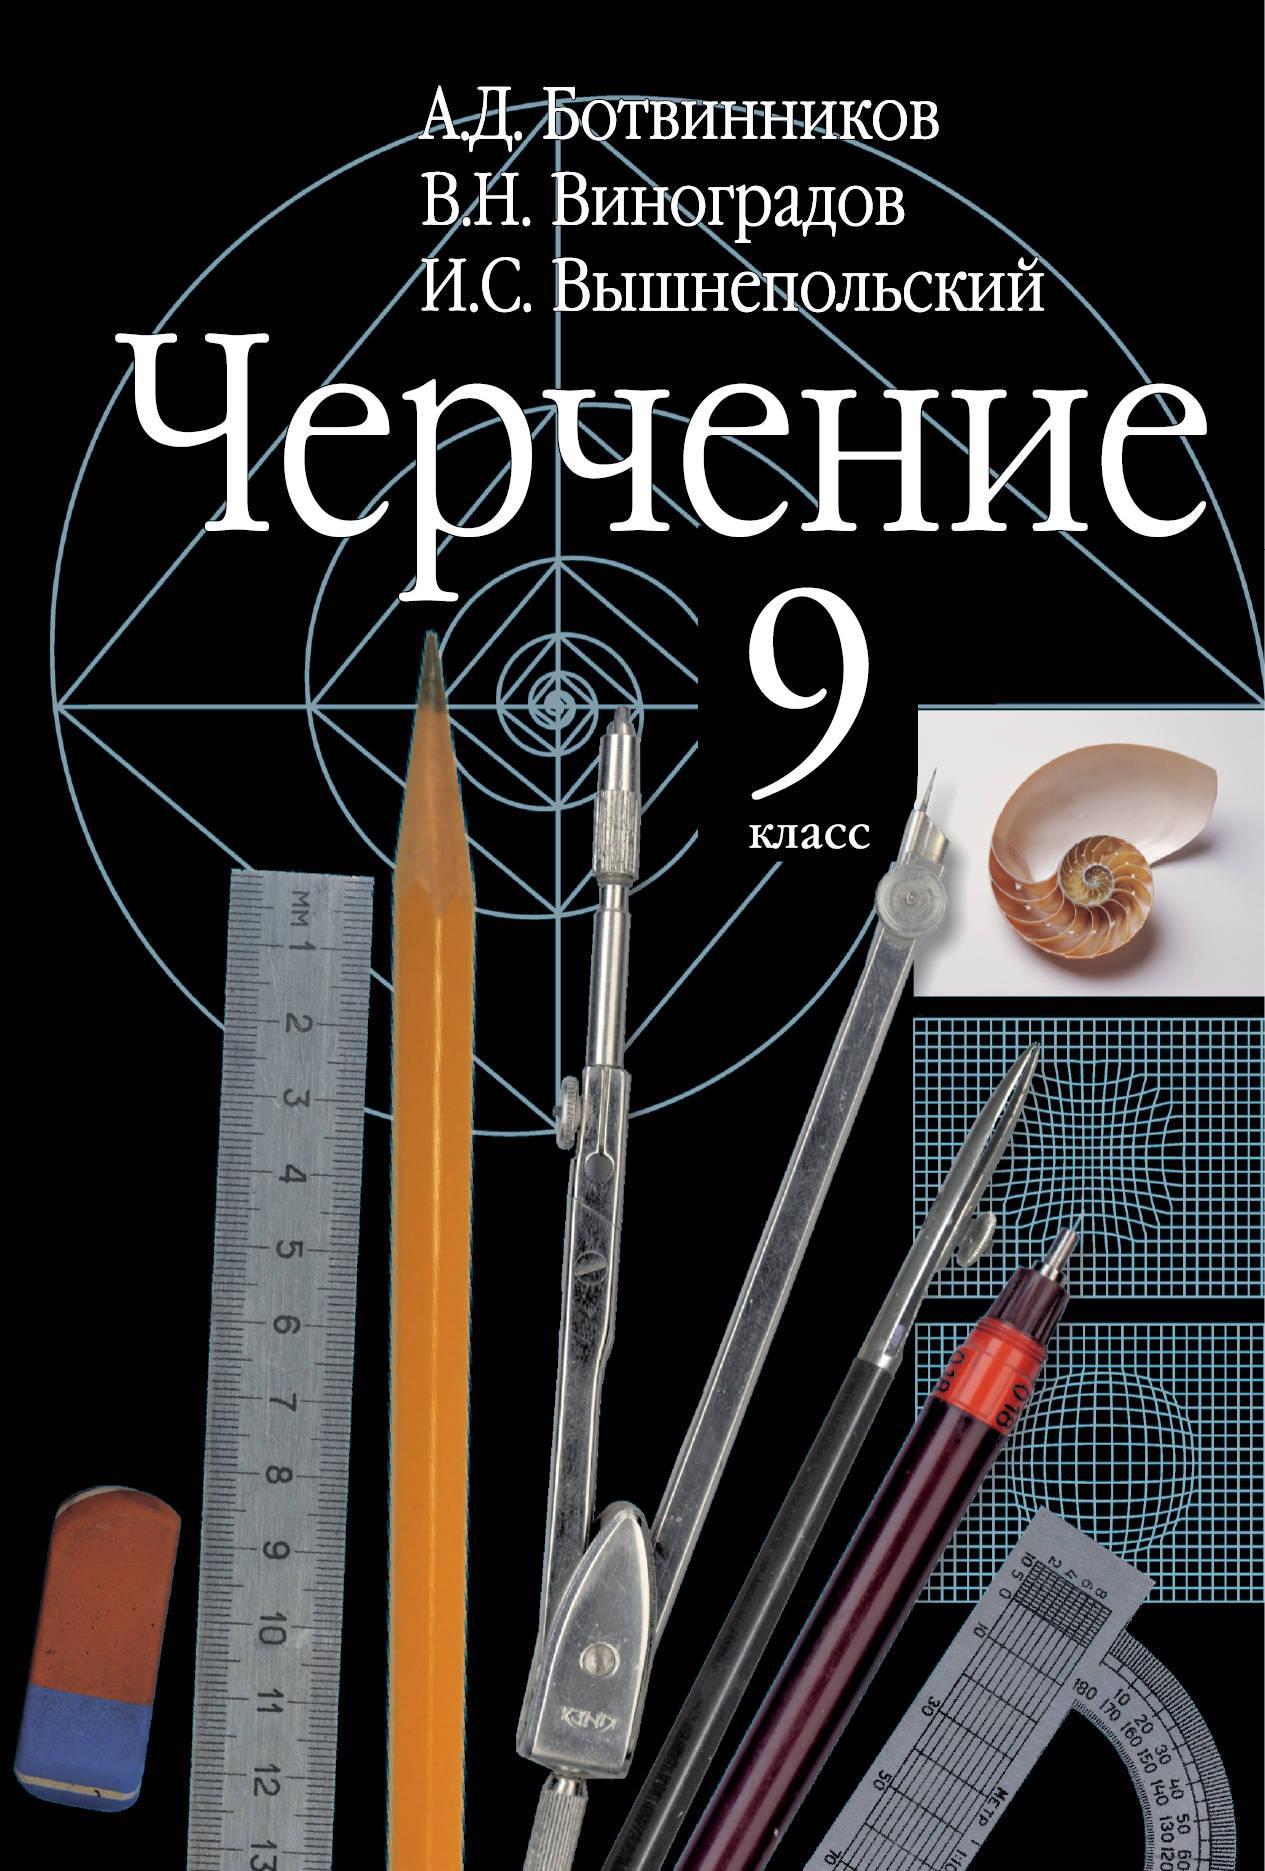 А. Д. Ботвинников, В. Н. Виноградов, И. С. Вышнепольский Черчение. 9 класс. Учебник